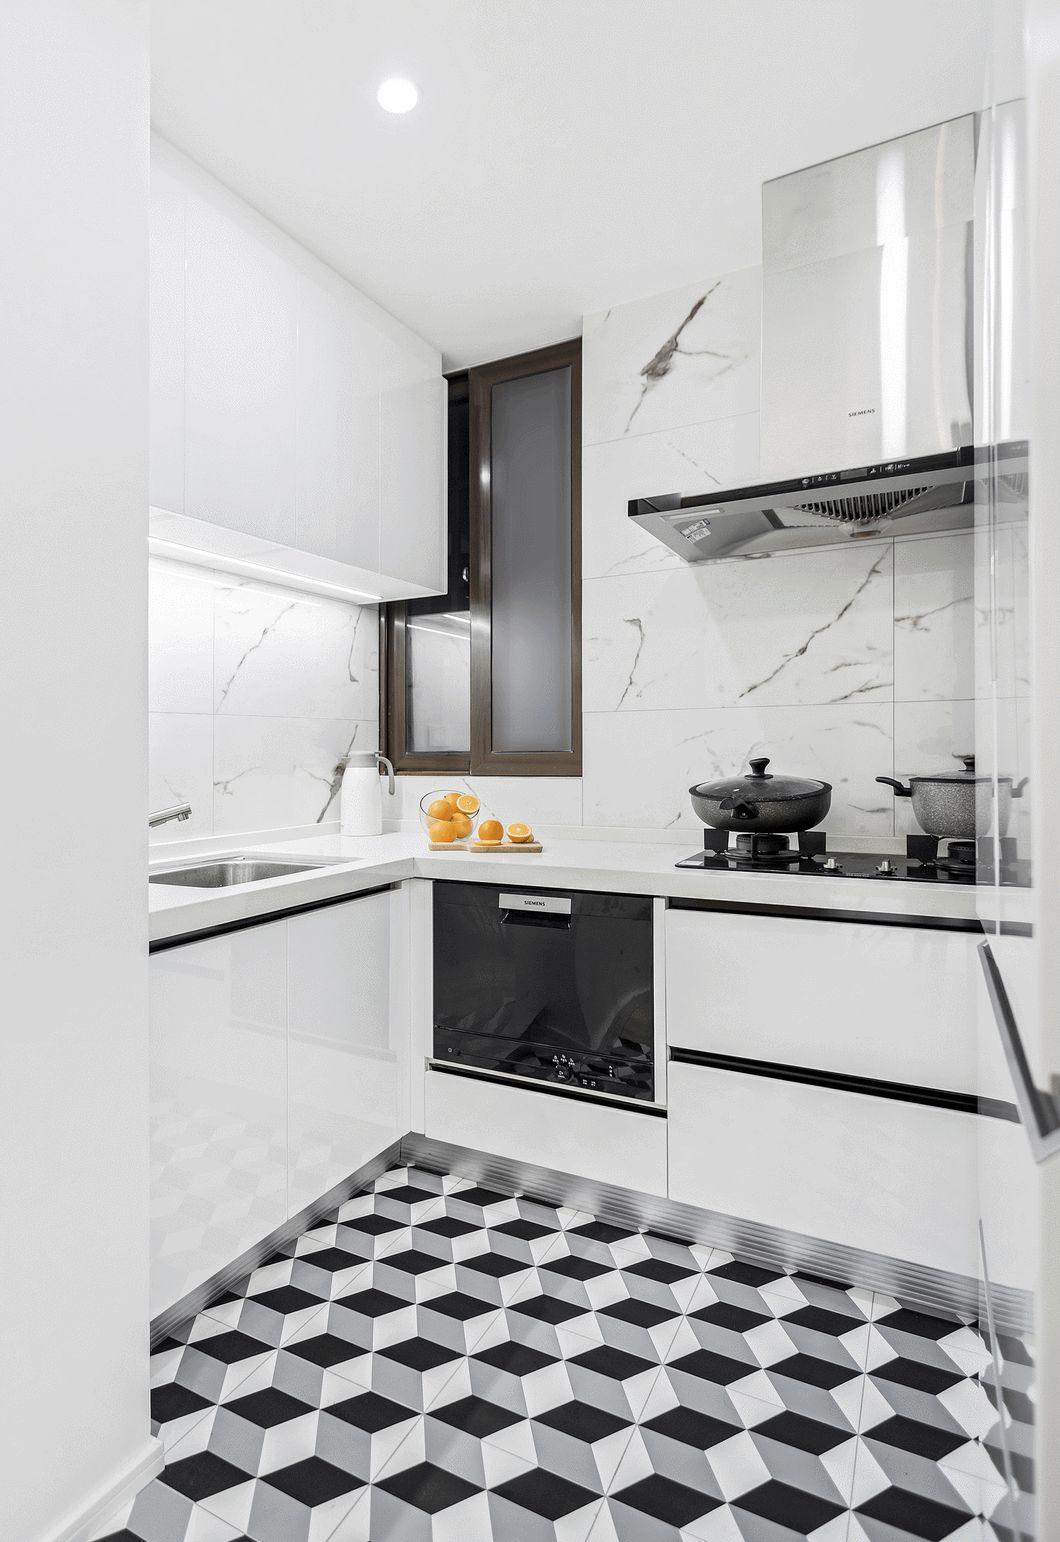 厨房同样以白色为主色调,黑色线条做点缀,配上地面的几何花纹,时尚且酷。